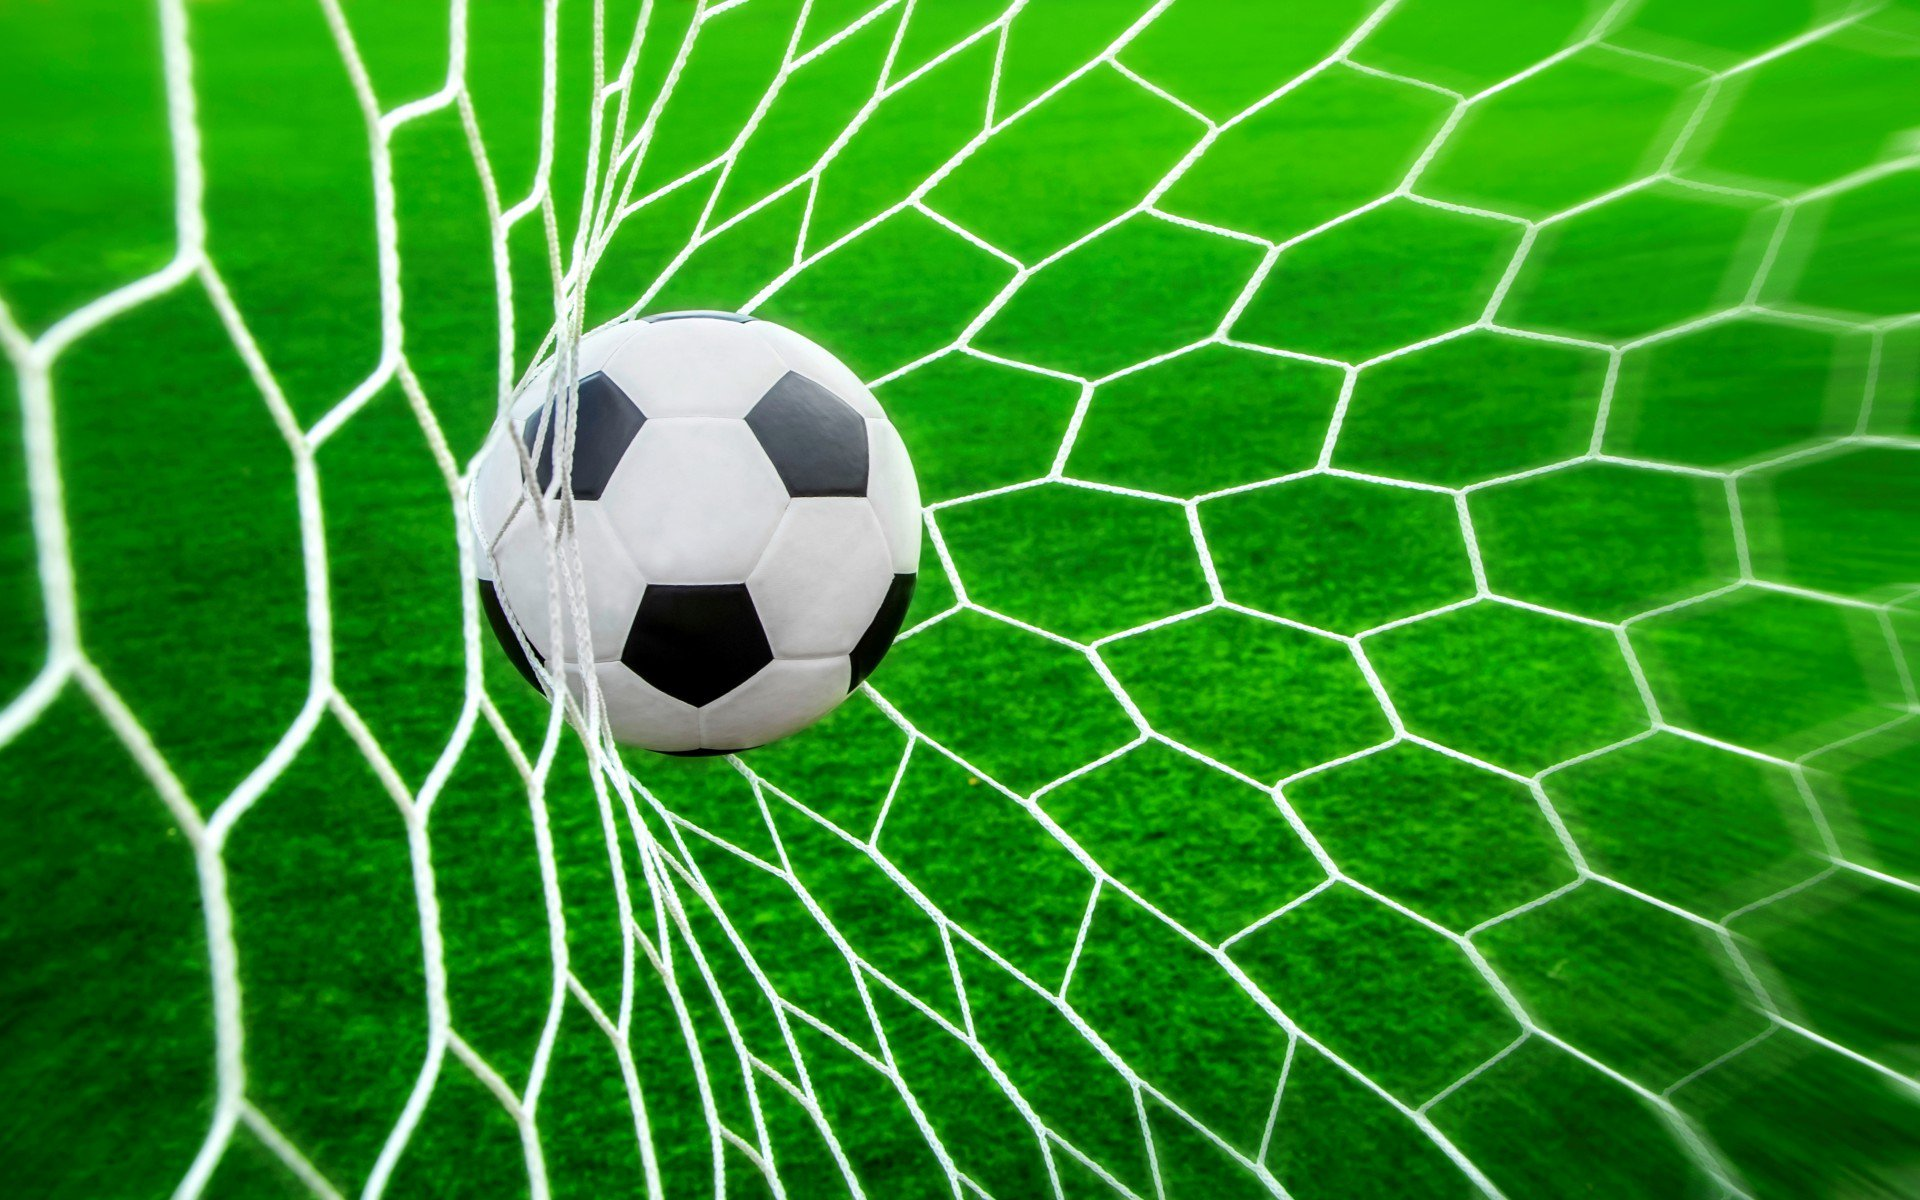 Футбольные болельщики смогут компенсировать свой углеродный след